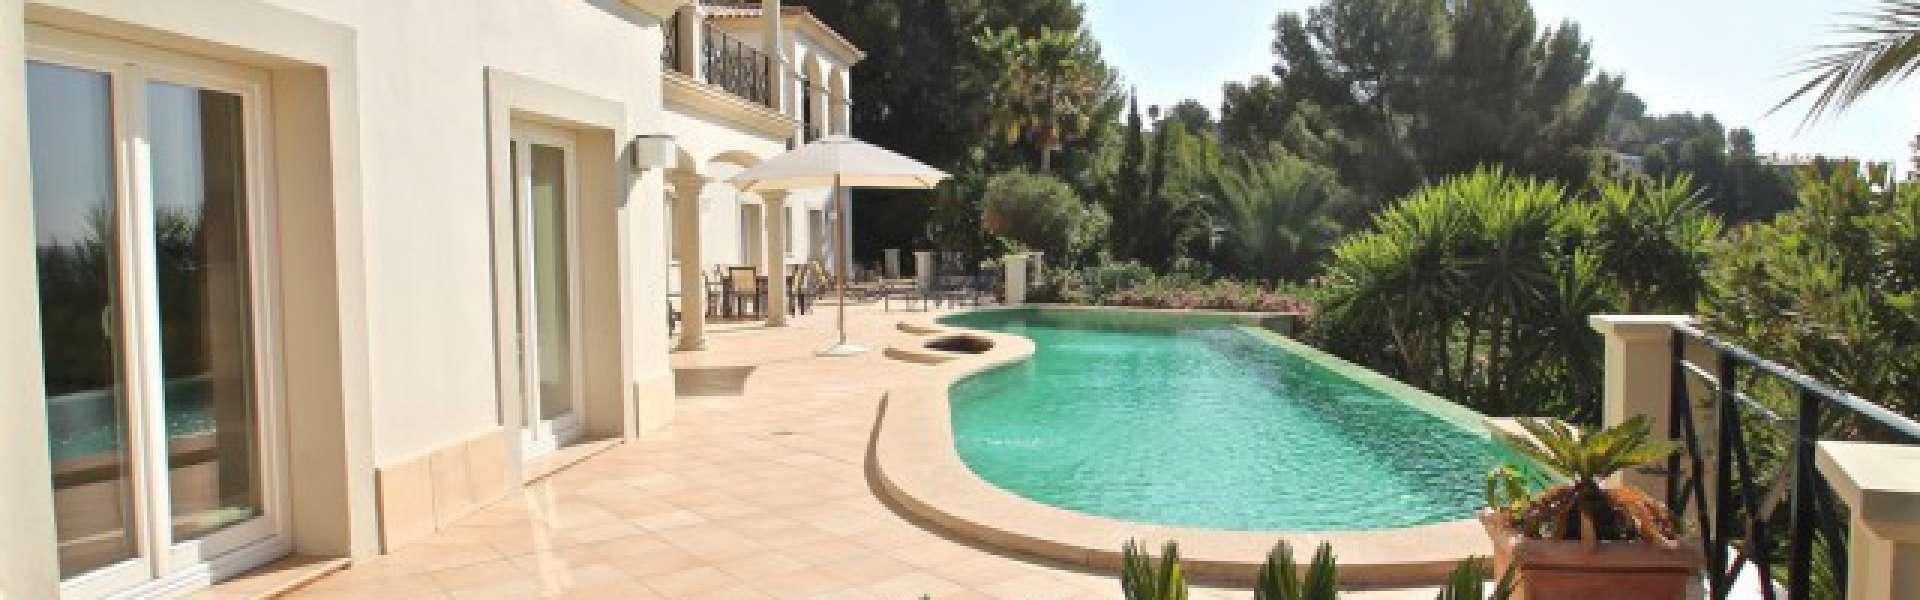 Palma - Son Vida - Villa con vistas únicas a la venta